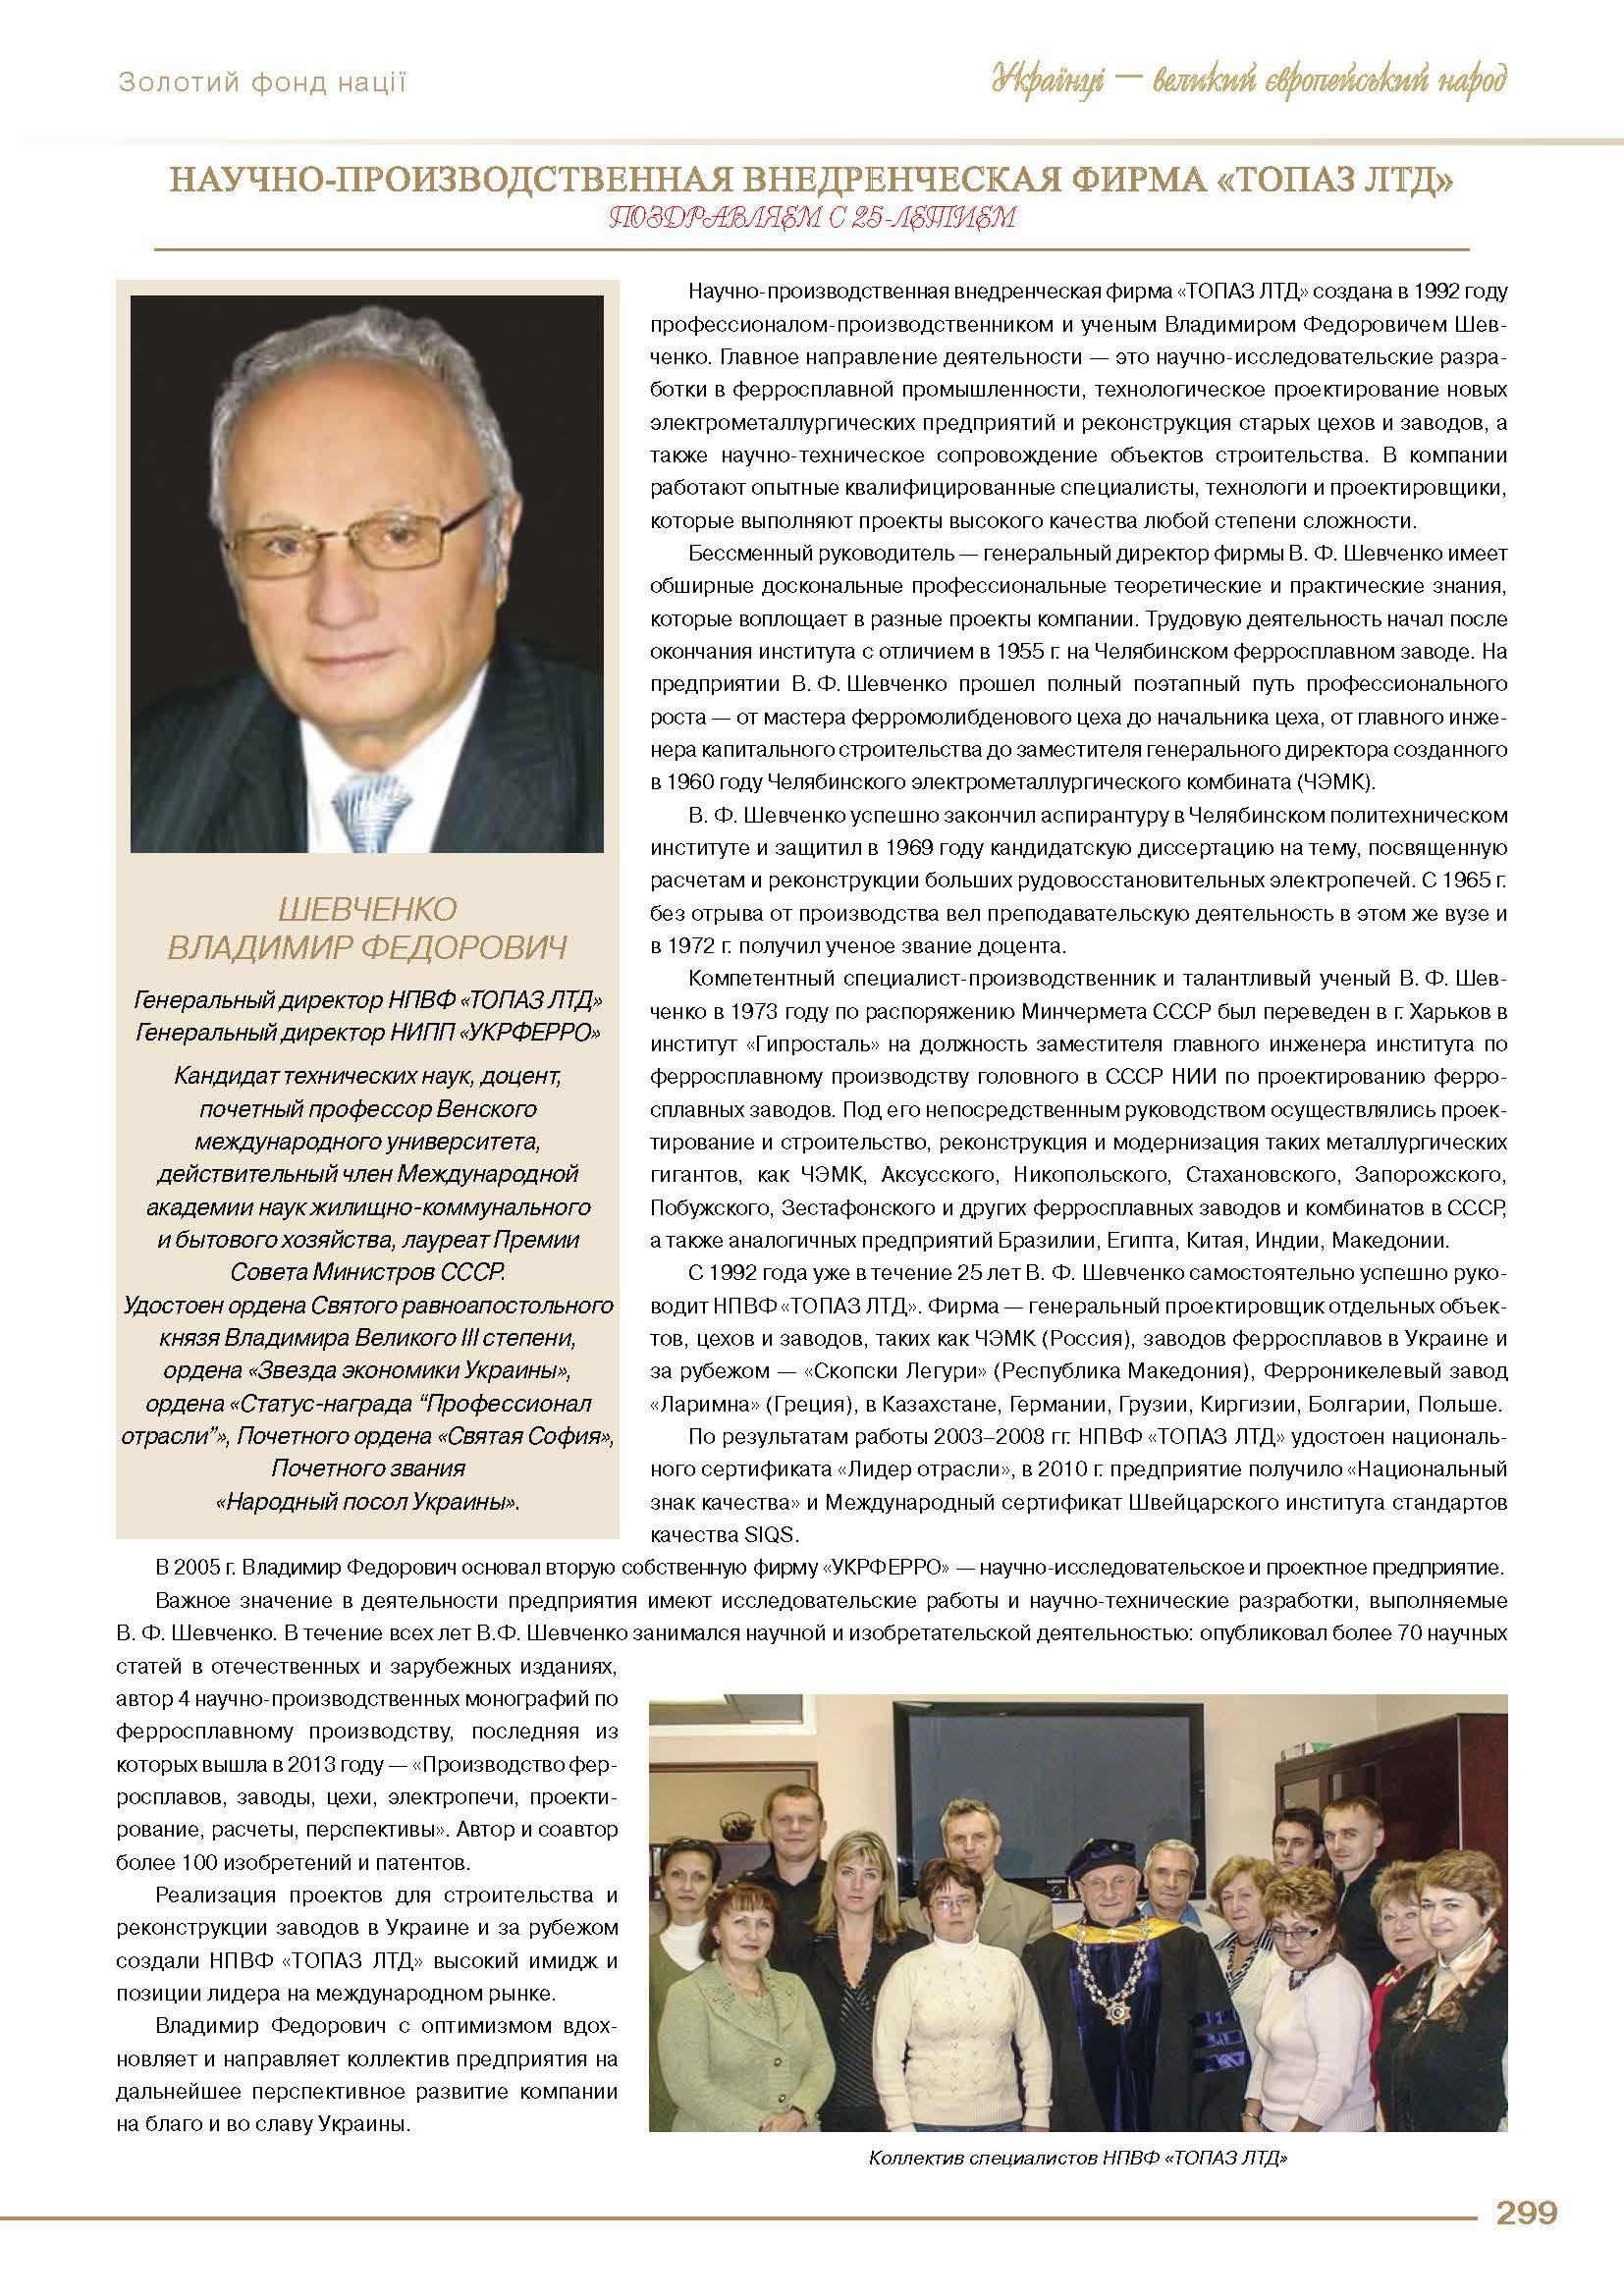 Шевченко Владимир Федорович